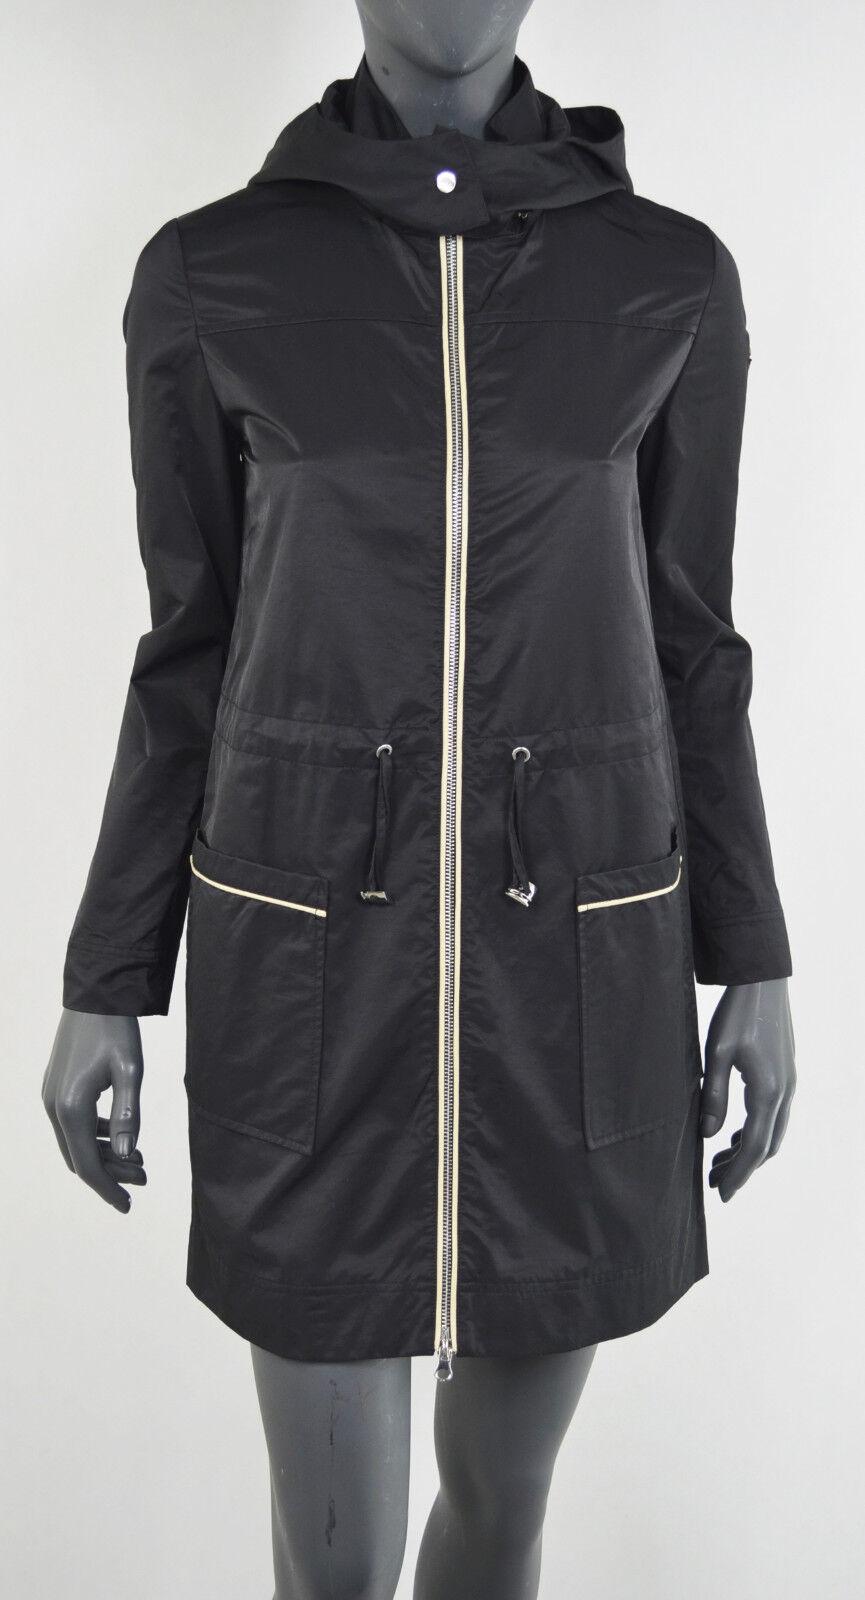 ARMANI JEANS DBL DBL DBL PKT  Damen mantel coat 38   | Hohe Sicherheit  | Starke Hitze- und Hitzebeständigkeit  | Lebendige Form  | München Online Shop  | Günstigstes  f41dbc